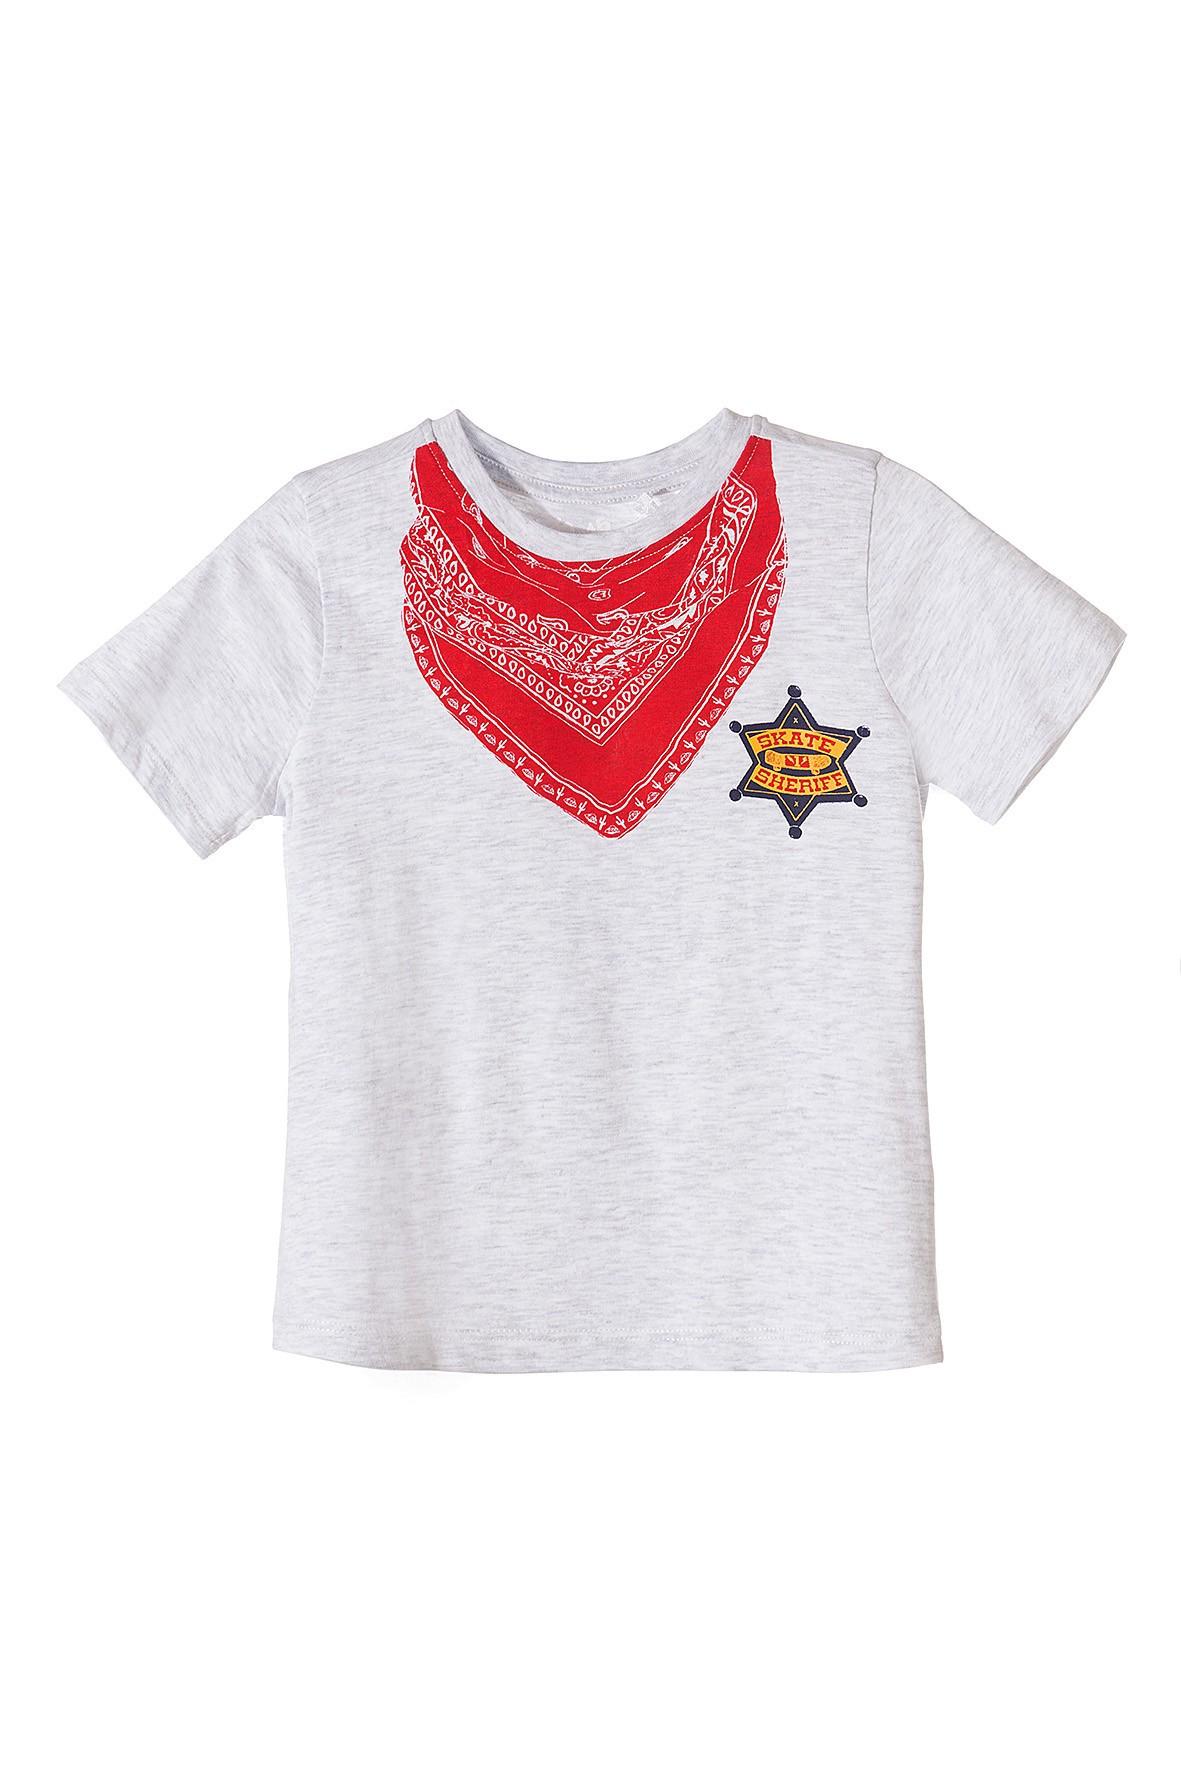 T-shirt dla chłopca Sheriff